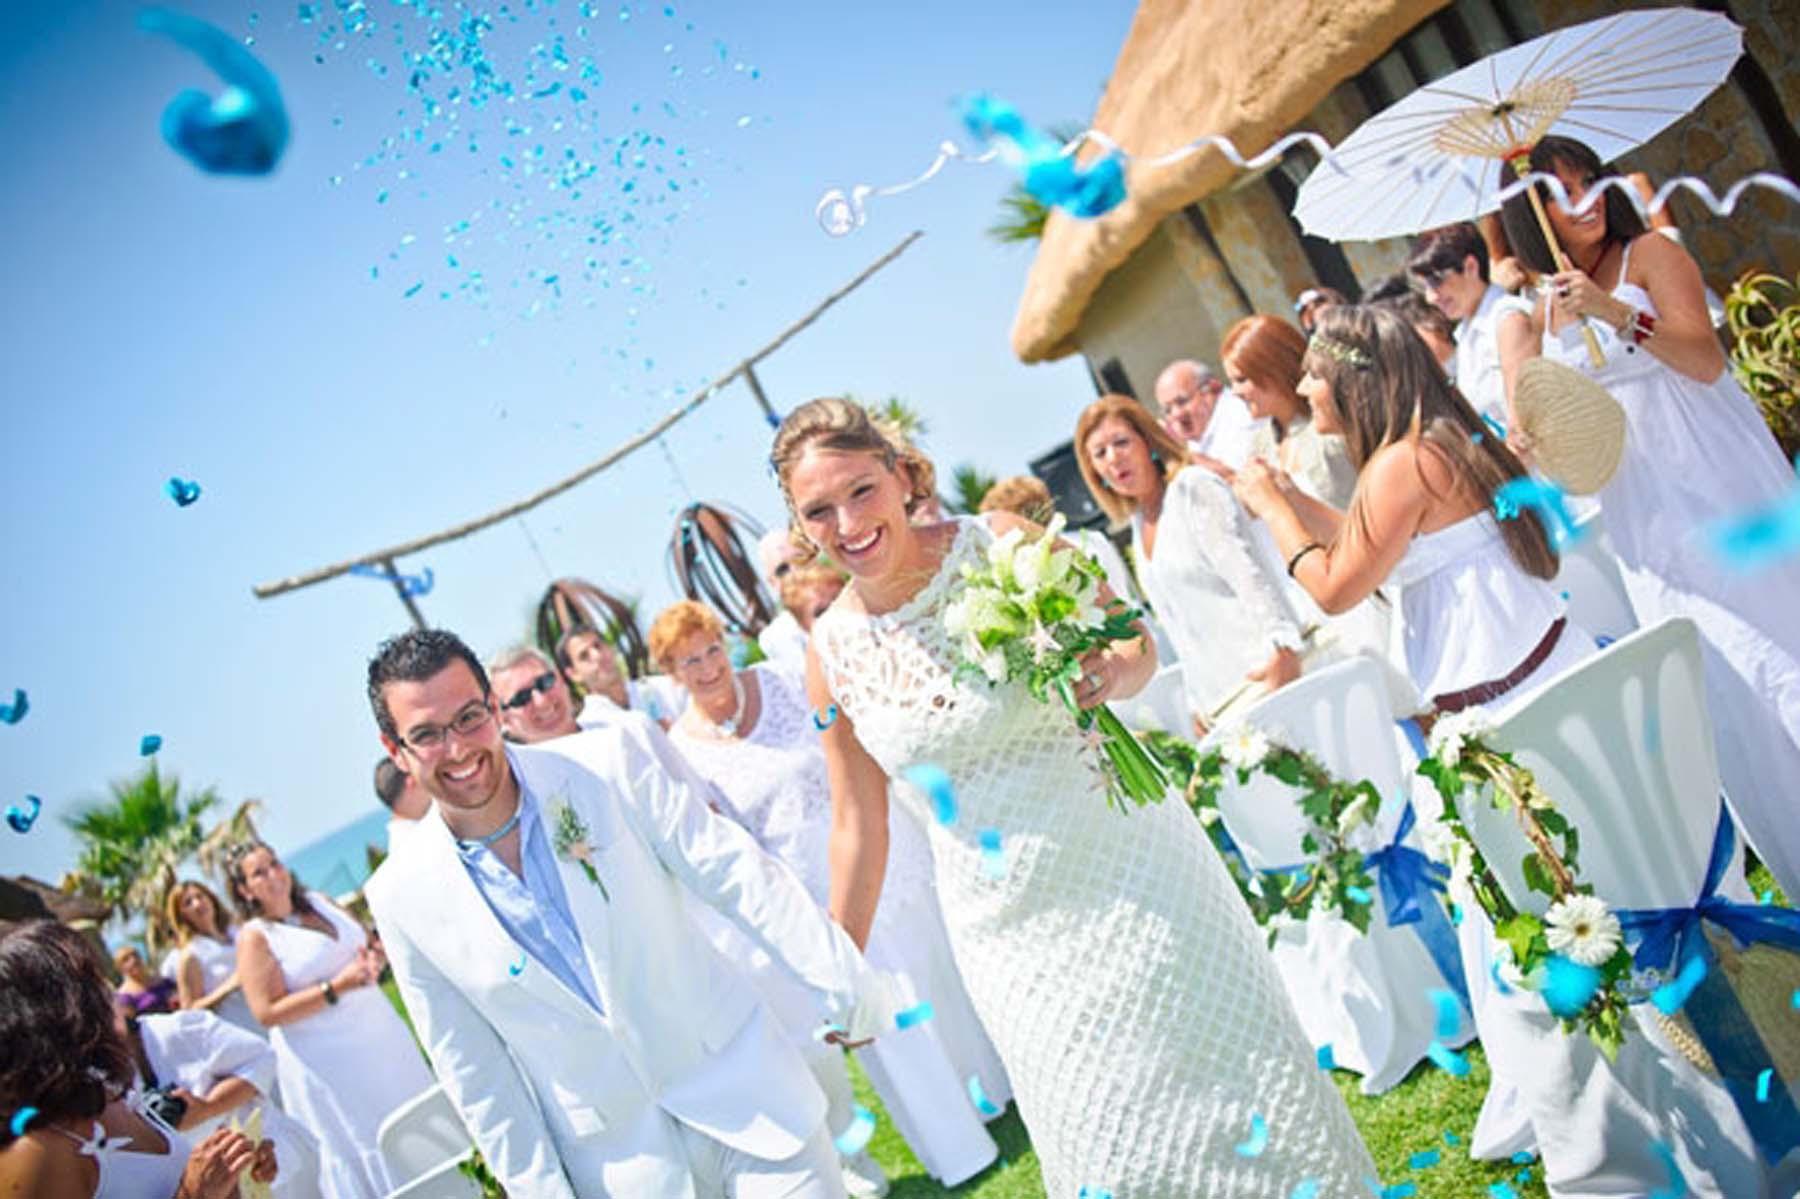 Imagen: http://www.bodas.net/articulos/una-boda-ibicenca-en-la-playa-de-zahora--c432